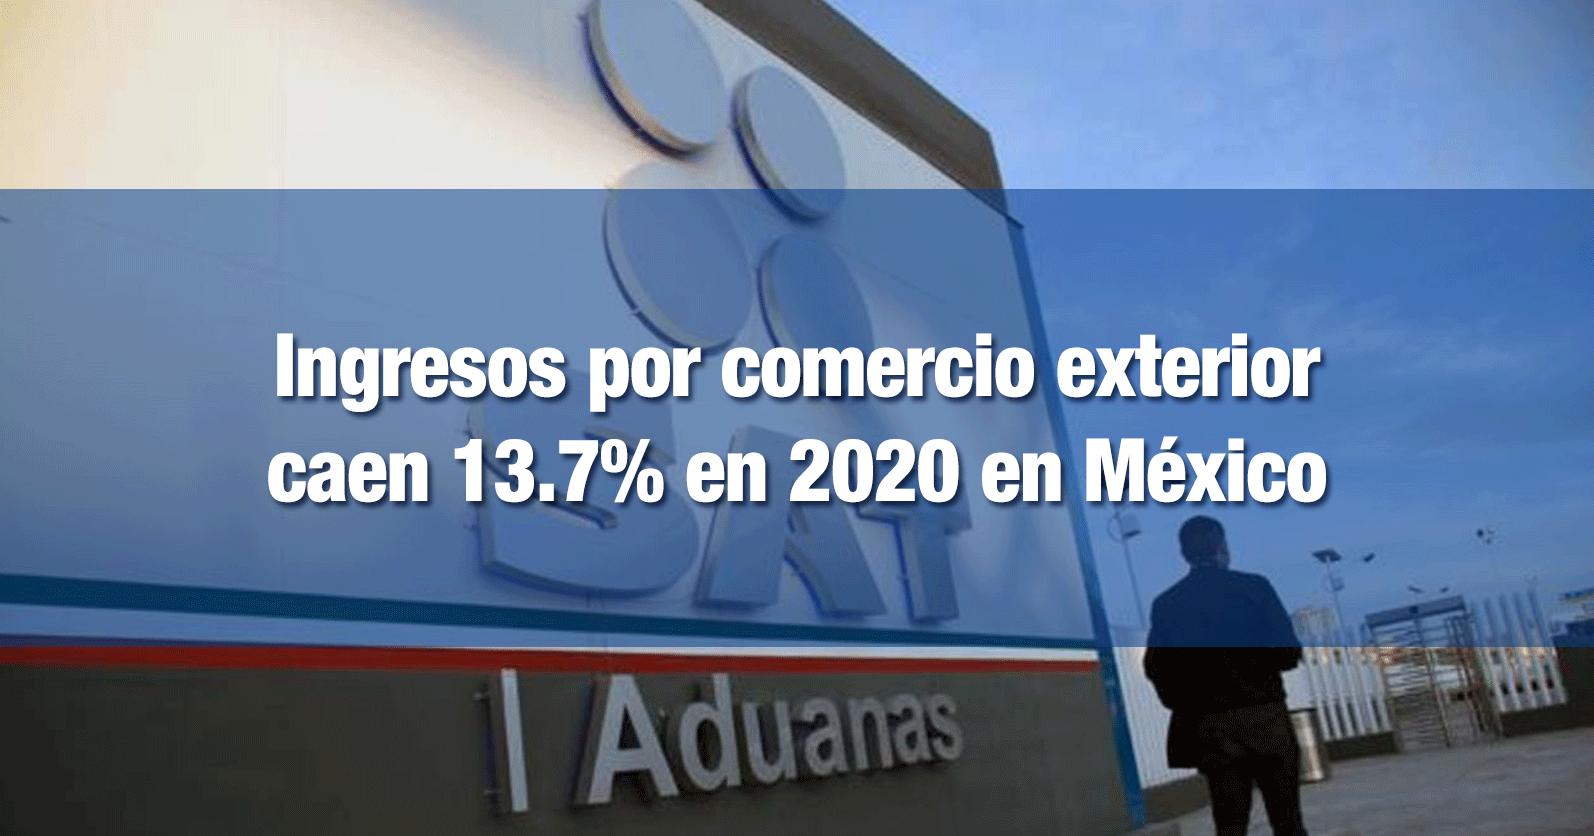 Ingresos por comercio exterior caen 13.7% en 2020 en México